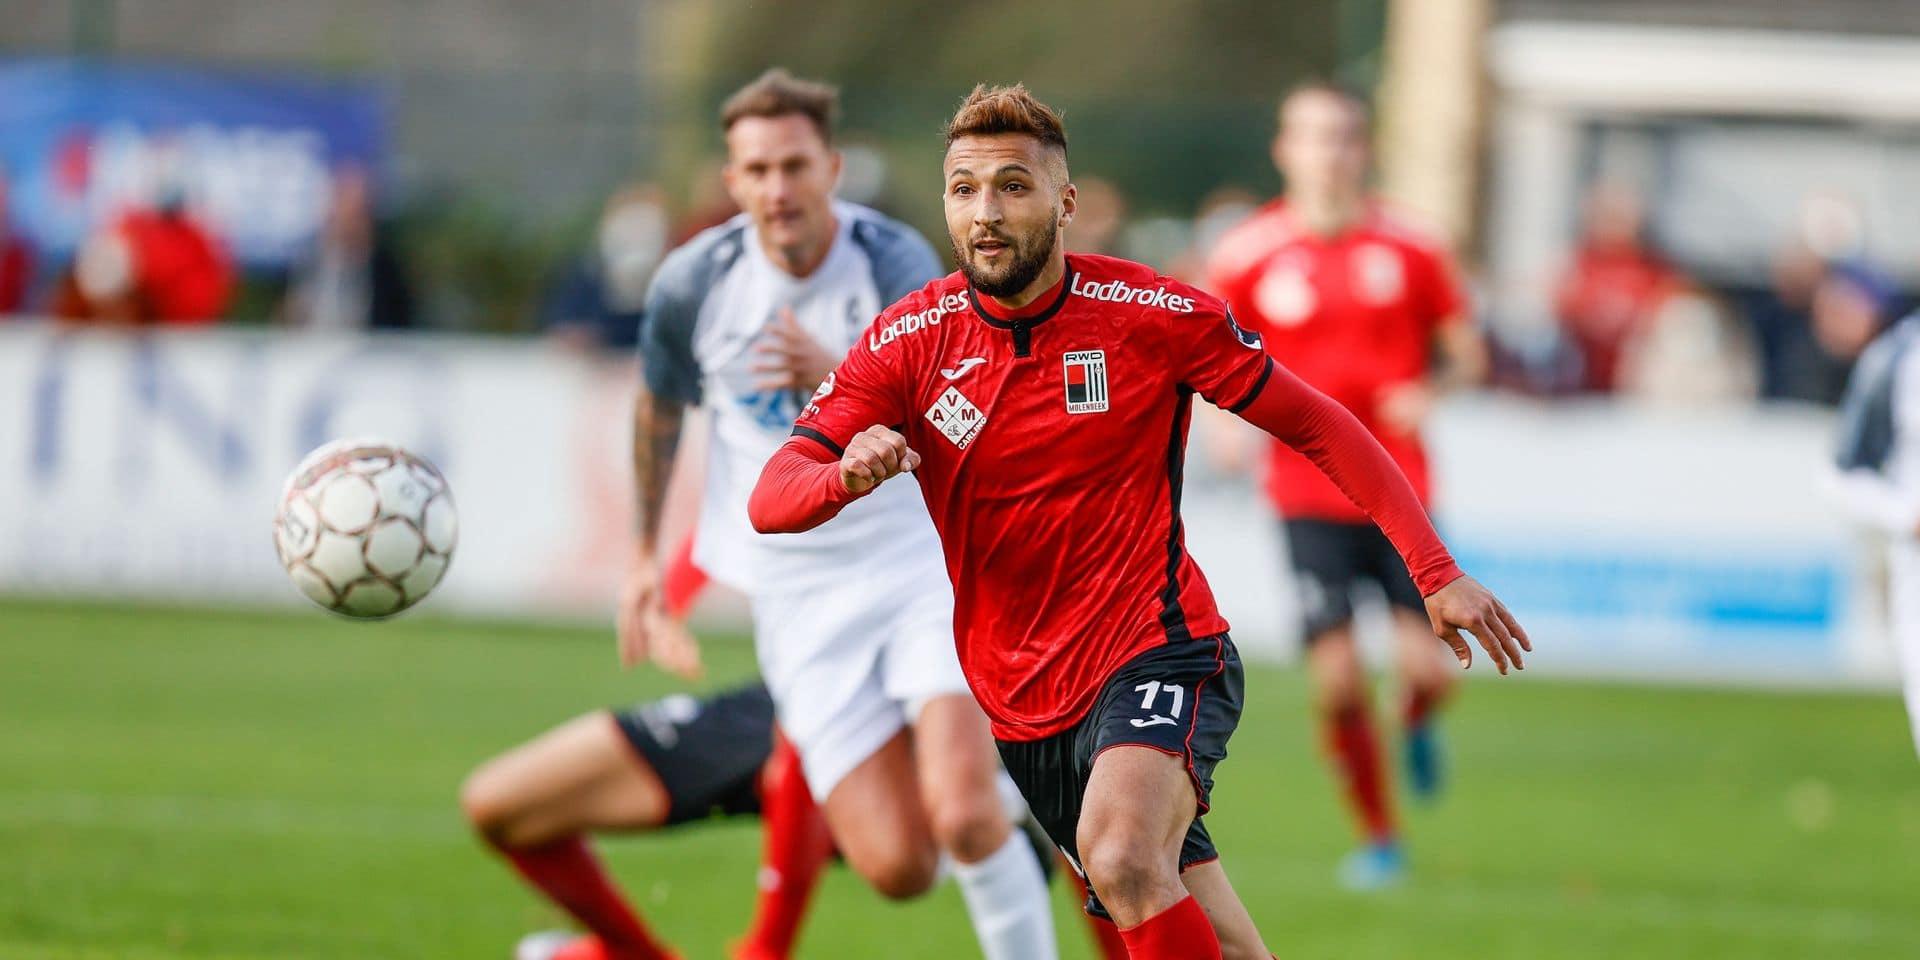 Croky Cup: Waasland-Beveren et le RWDM qualifiés pour le tour suivant, Deinze battu